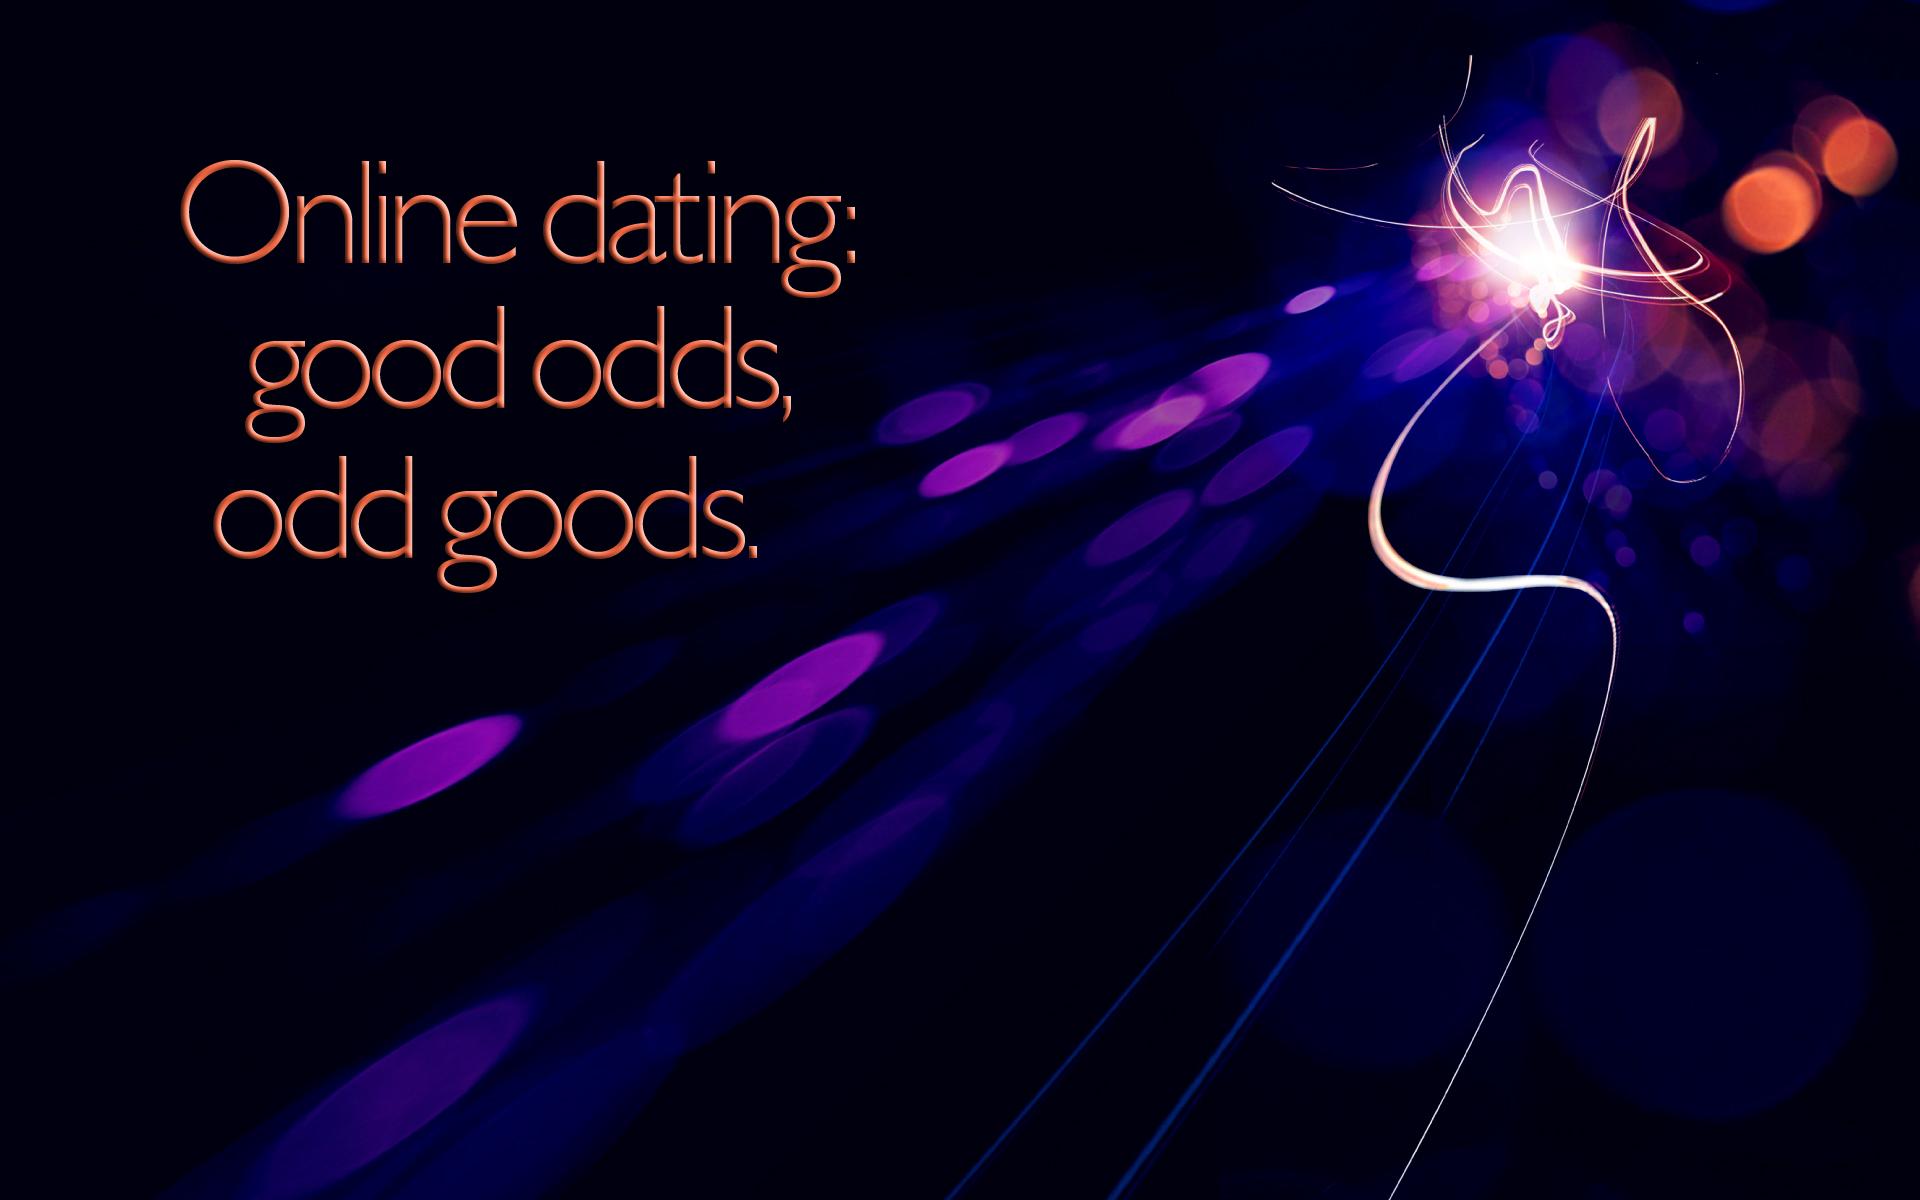 Online dating: good odds, odd goods. – Anon [1920×1200]